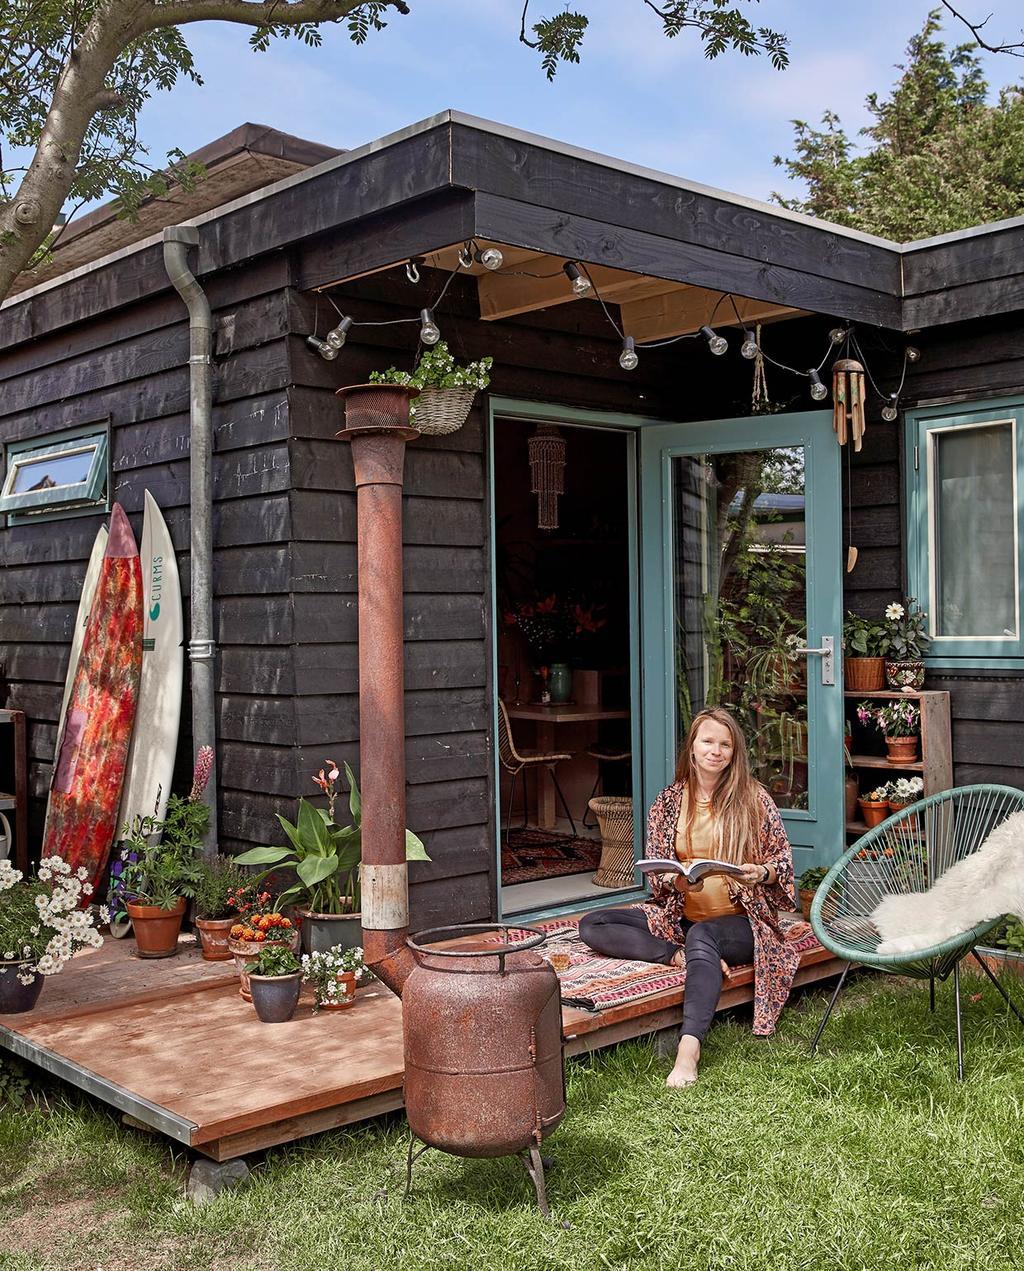 vtwonen binnenkijken special tiny houses | carmen die zit op de veranda van haar woning